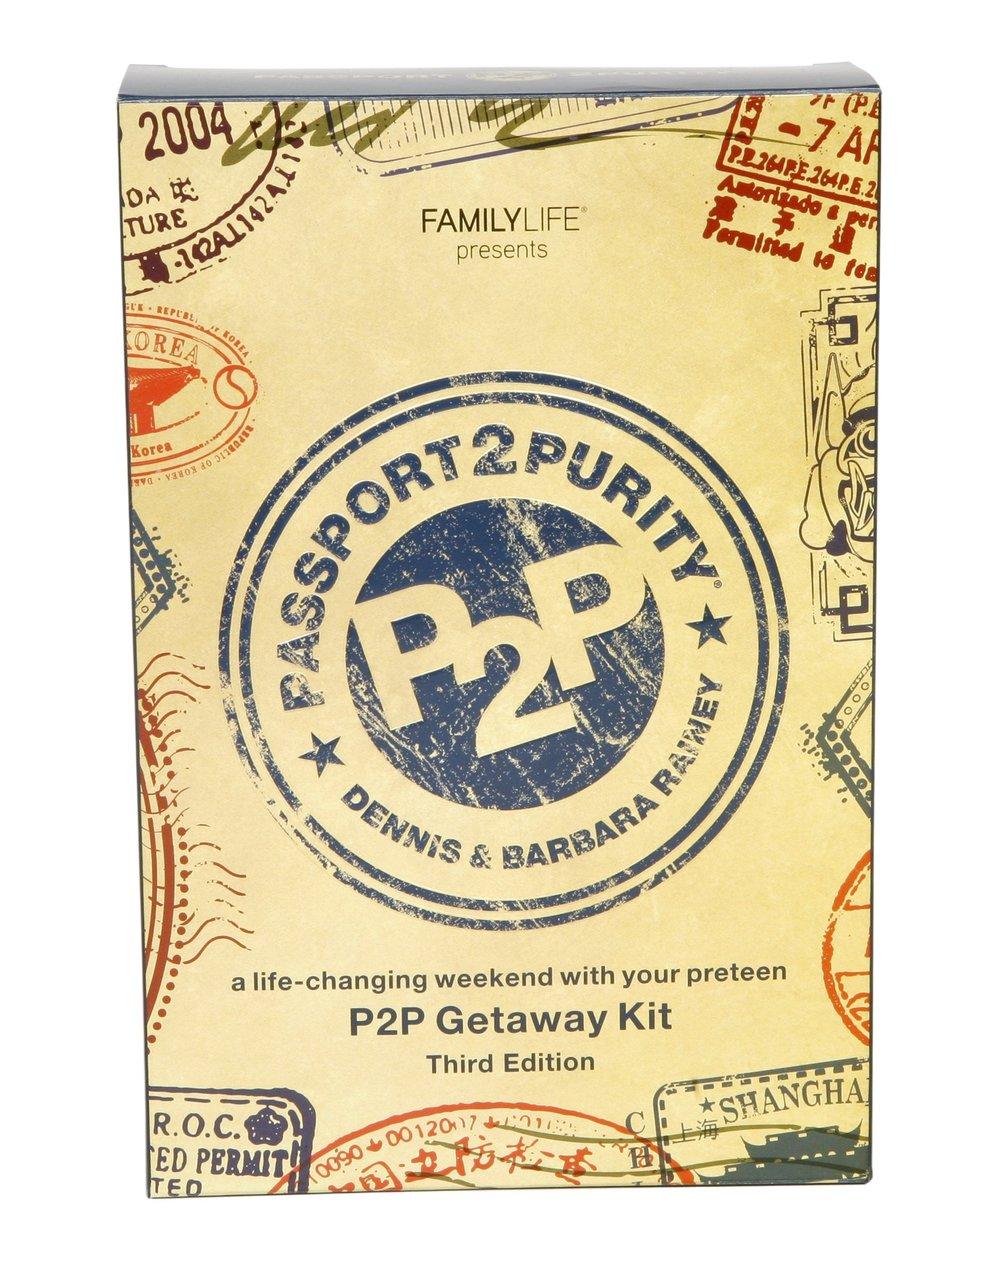 passport to purity.jpg